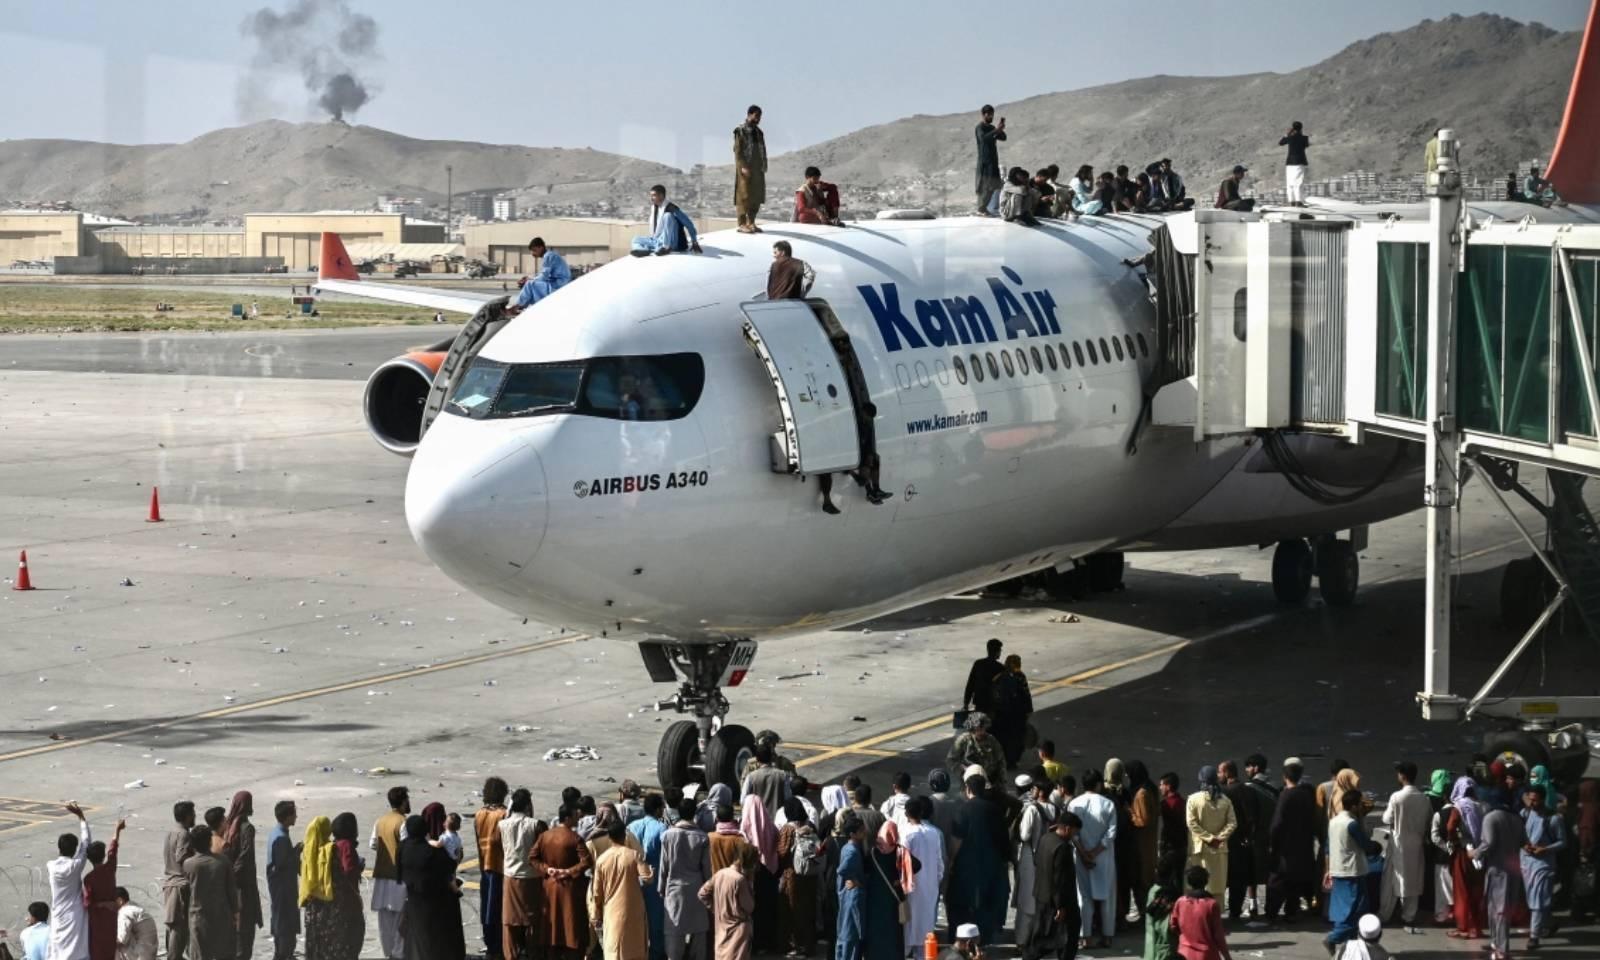 کابل ایئرپورٹ پر افغان شہری طیارے کے اوپر اور اردگرد موجود ہیں — فوٹو: اے ایف پی